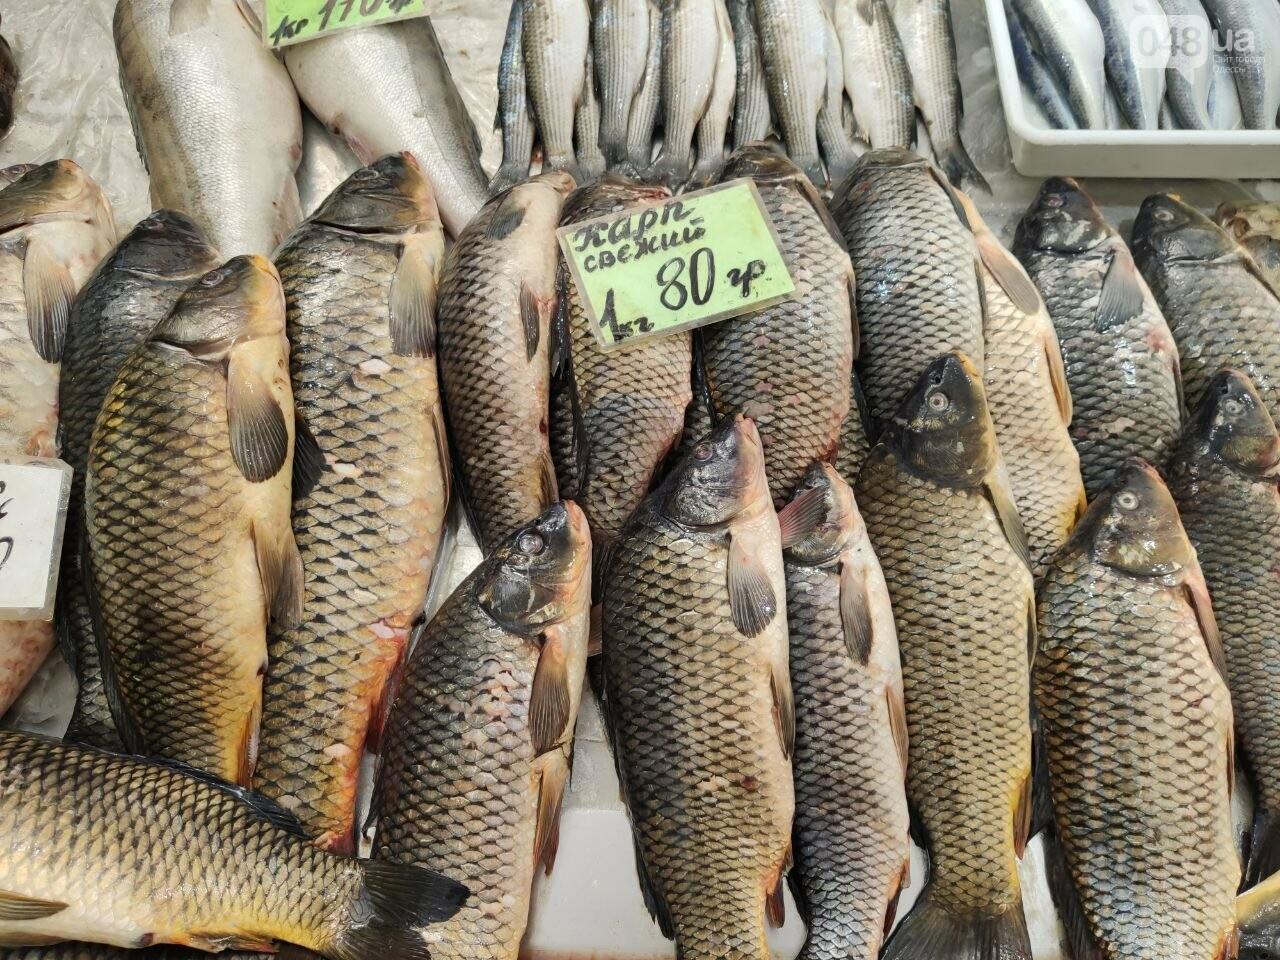 Осетр, мидии, хамса: рыбный четверг на одесском Привозе, - ФОТО, фото-3